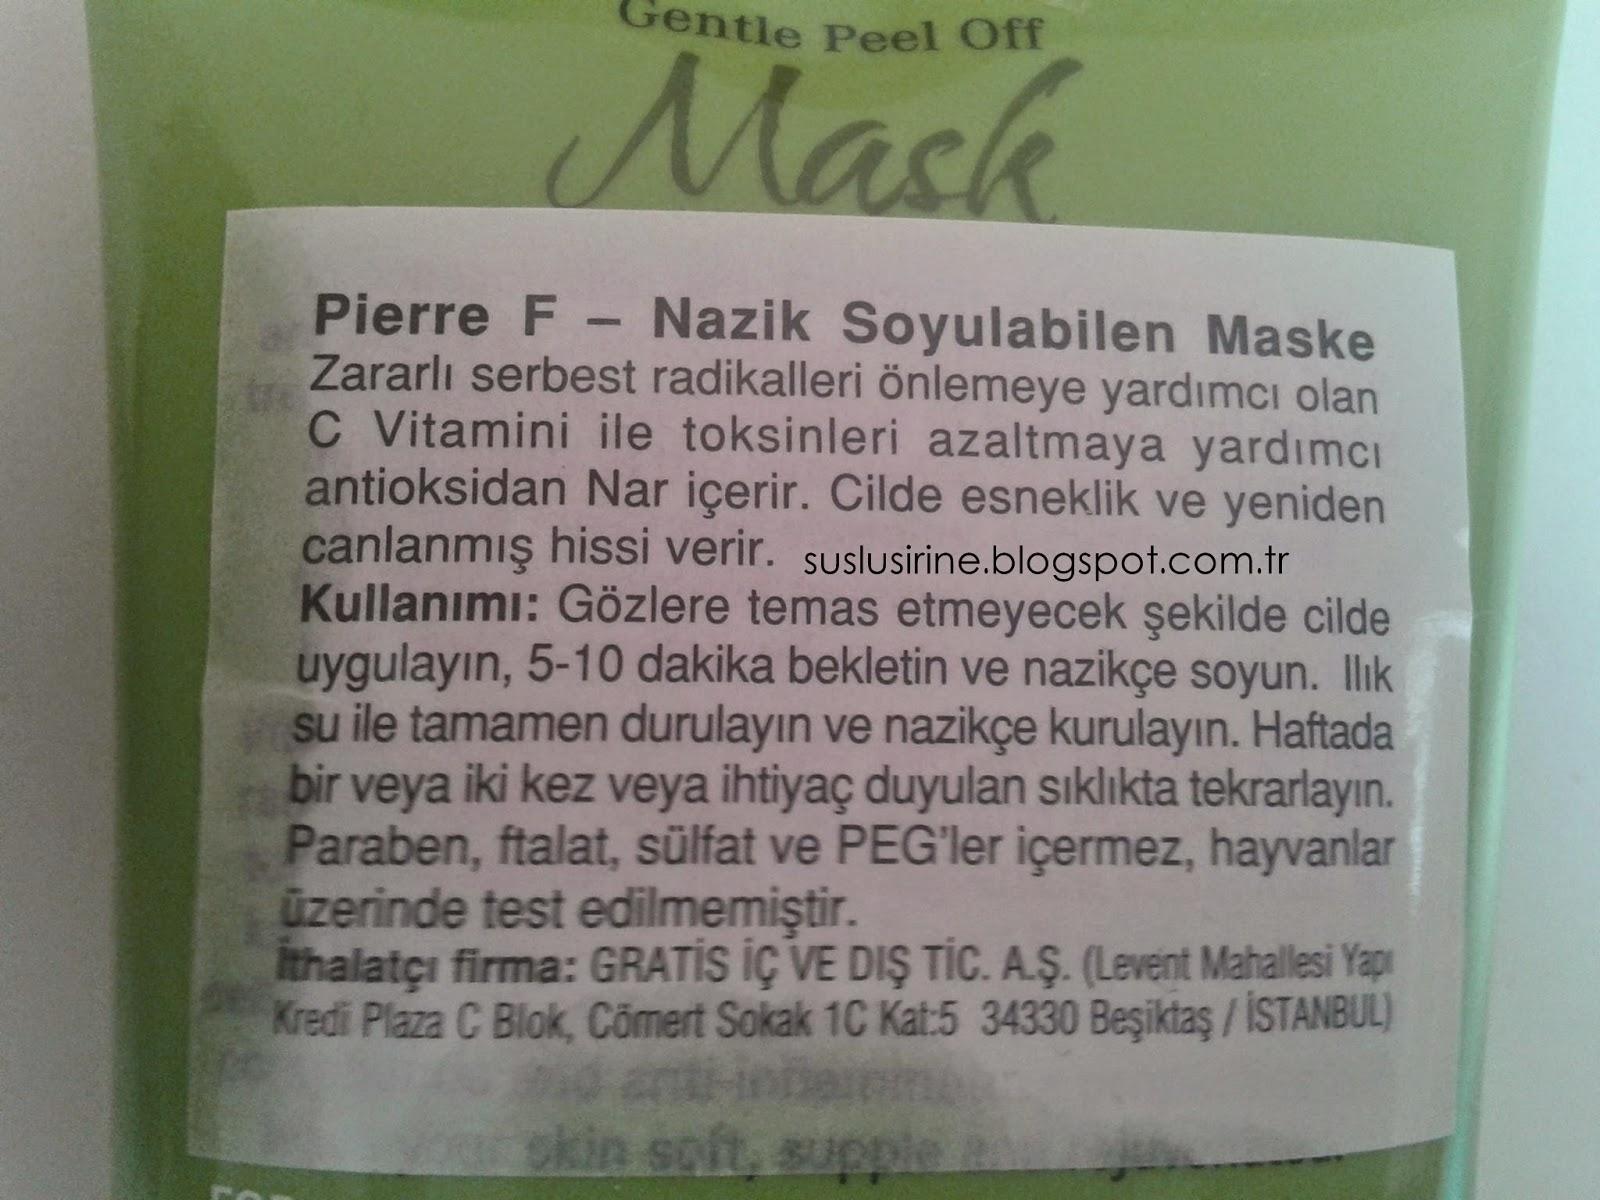 estheticians-formula-c-vitaminli-nazik-soyulabilen-maske-yorumlari